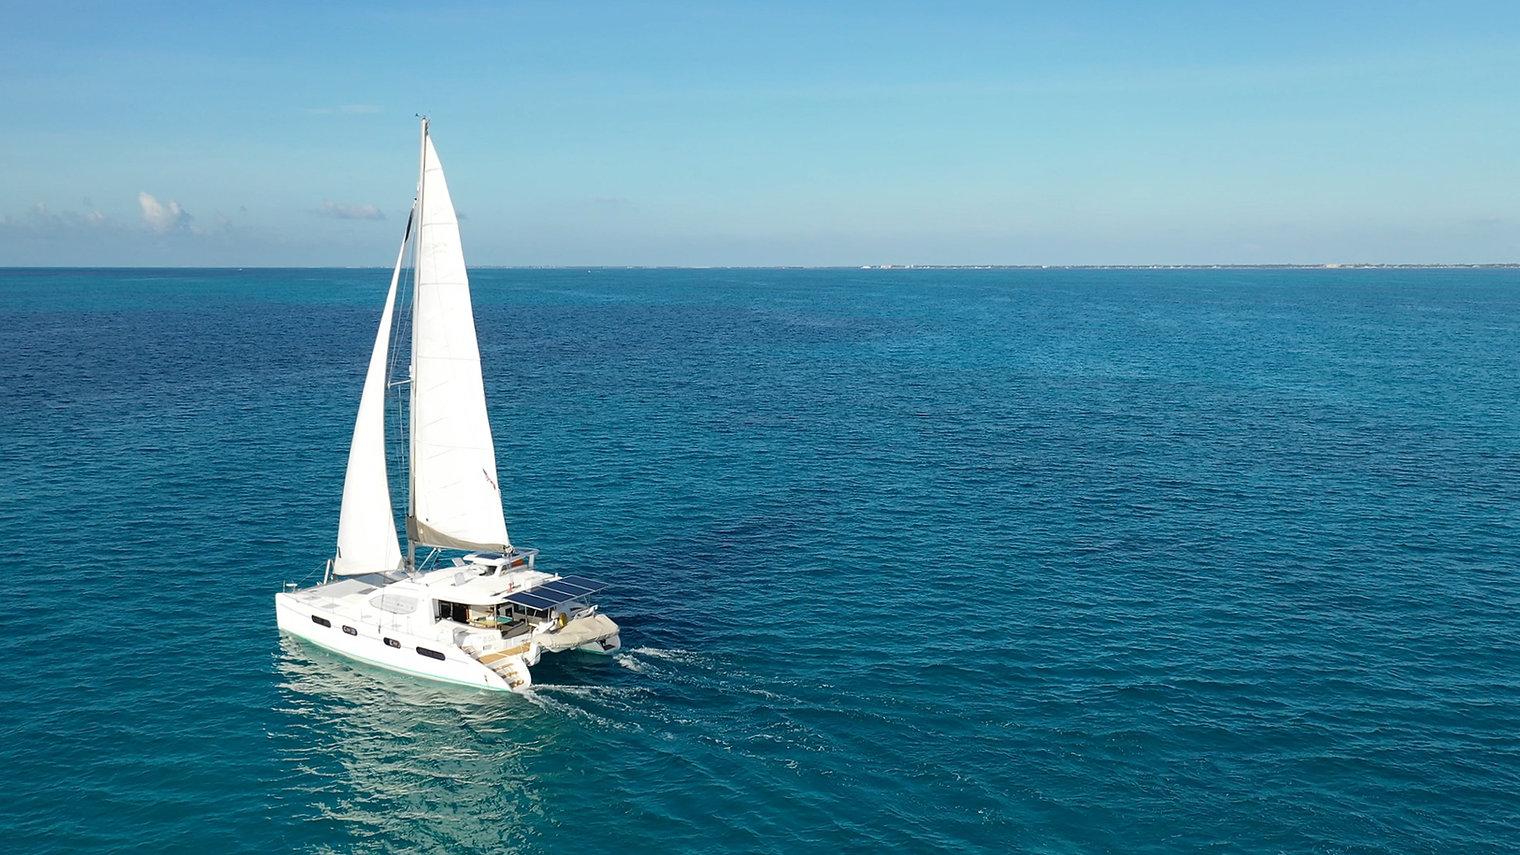 Aerial sailing pic_edited.jpg